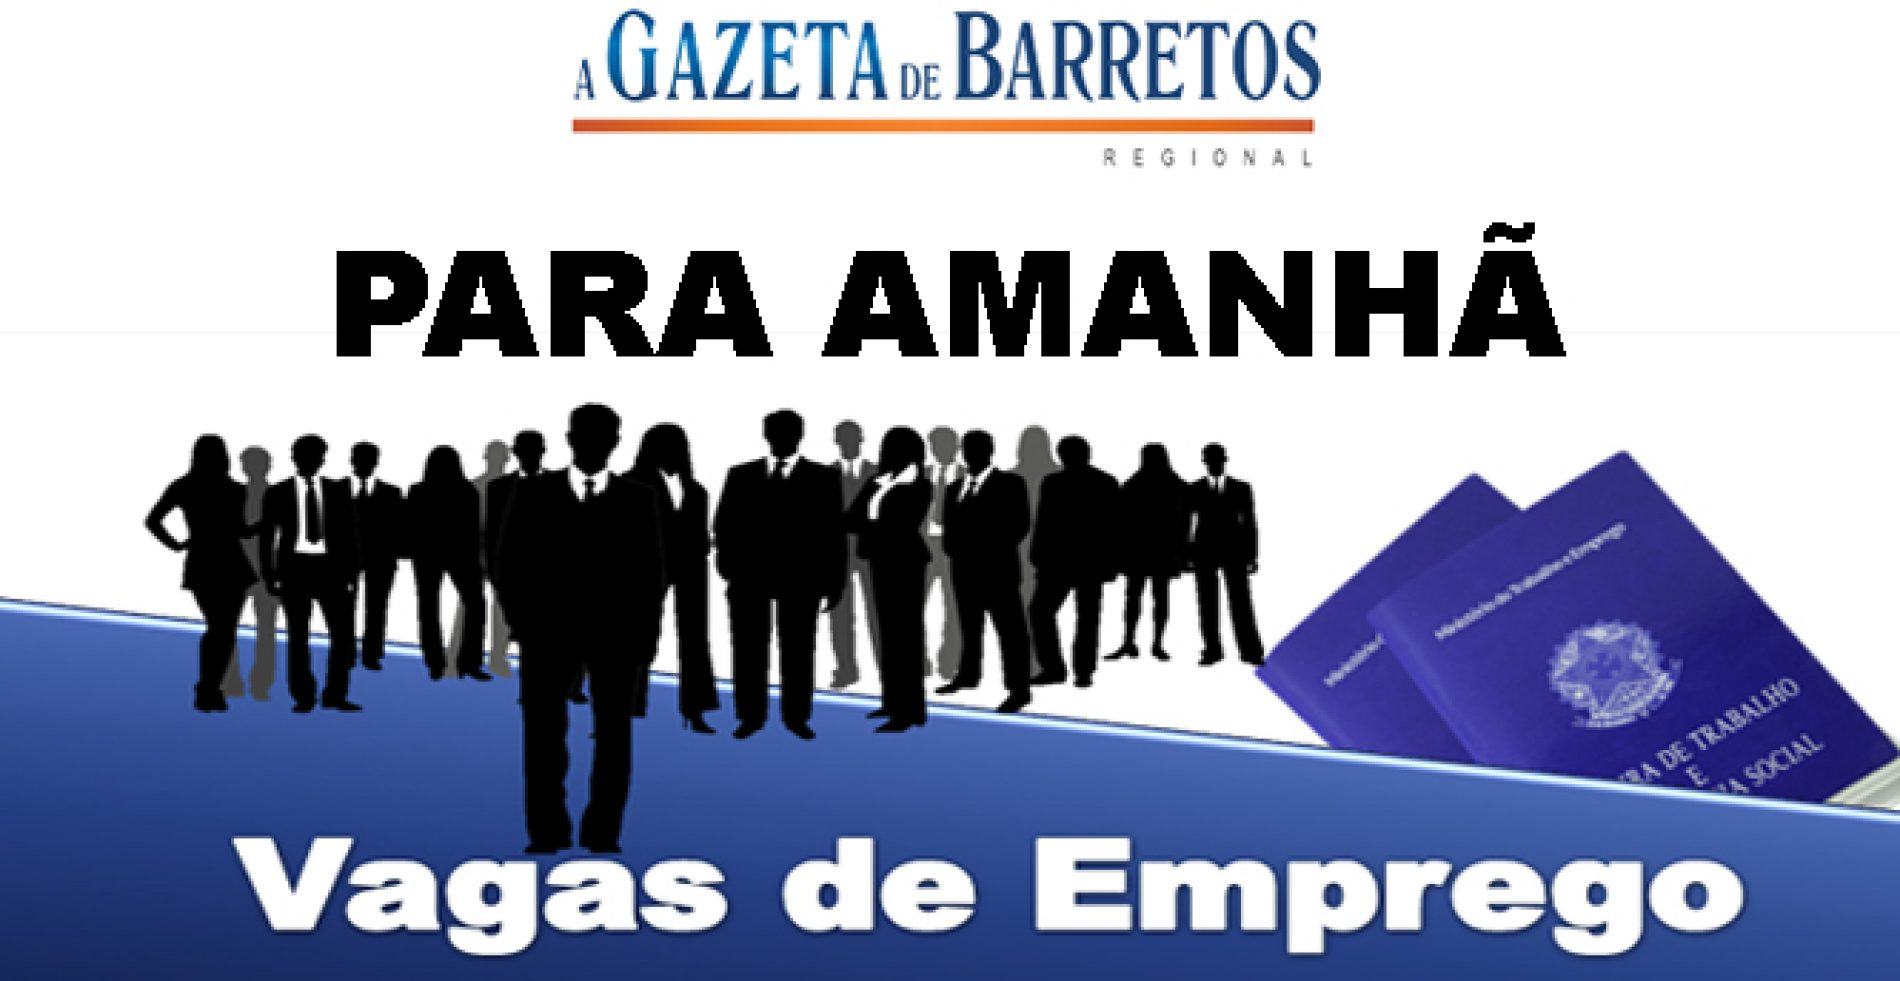 EMPREGO: VAGAS DISPONÍVEIS PARA AMANHÃ 14/02/2020